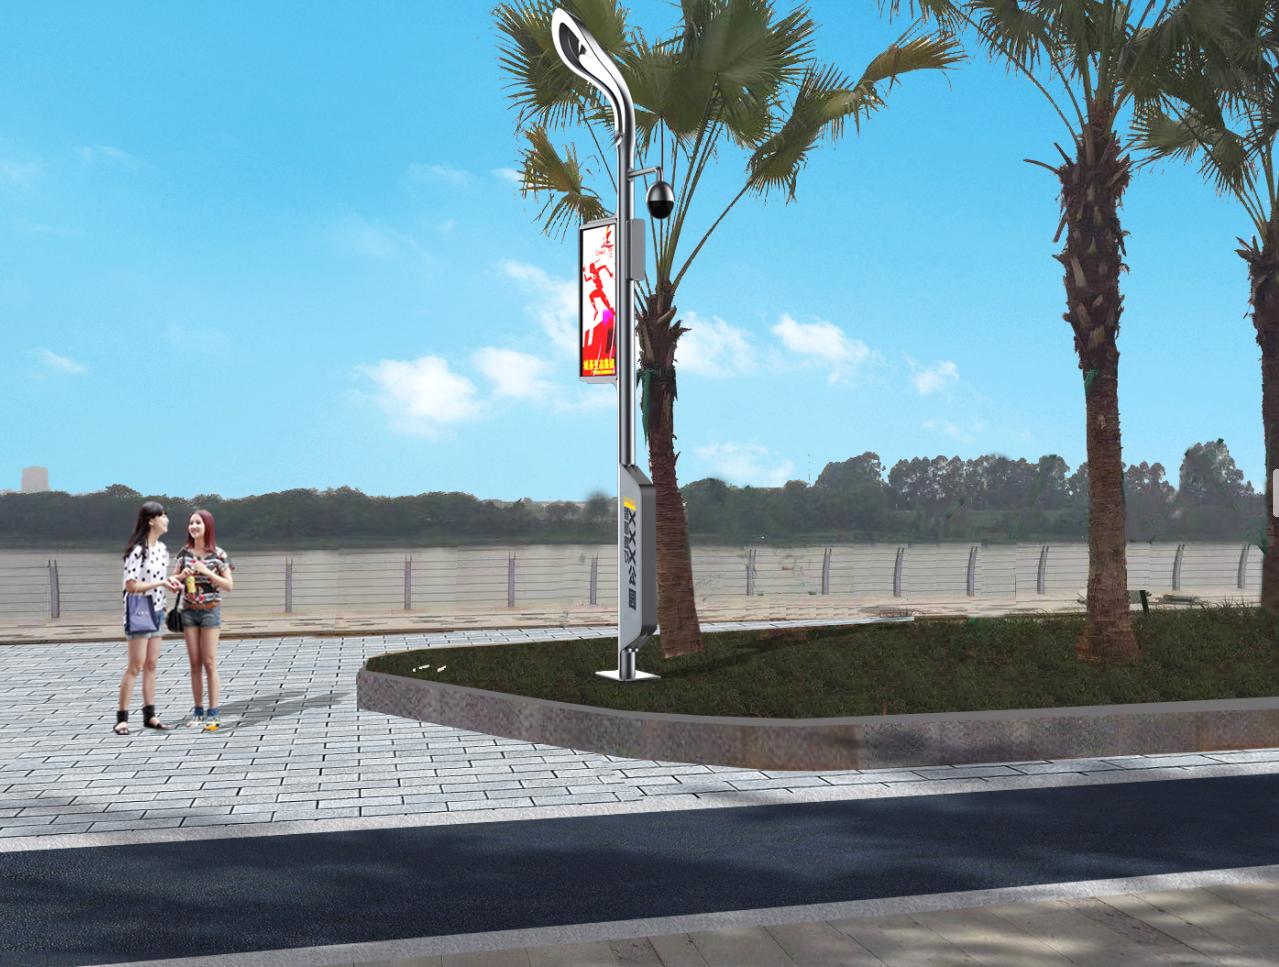 智慧路灯-智慧灯杆-智慧多功能杆-城基生态智慧公园